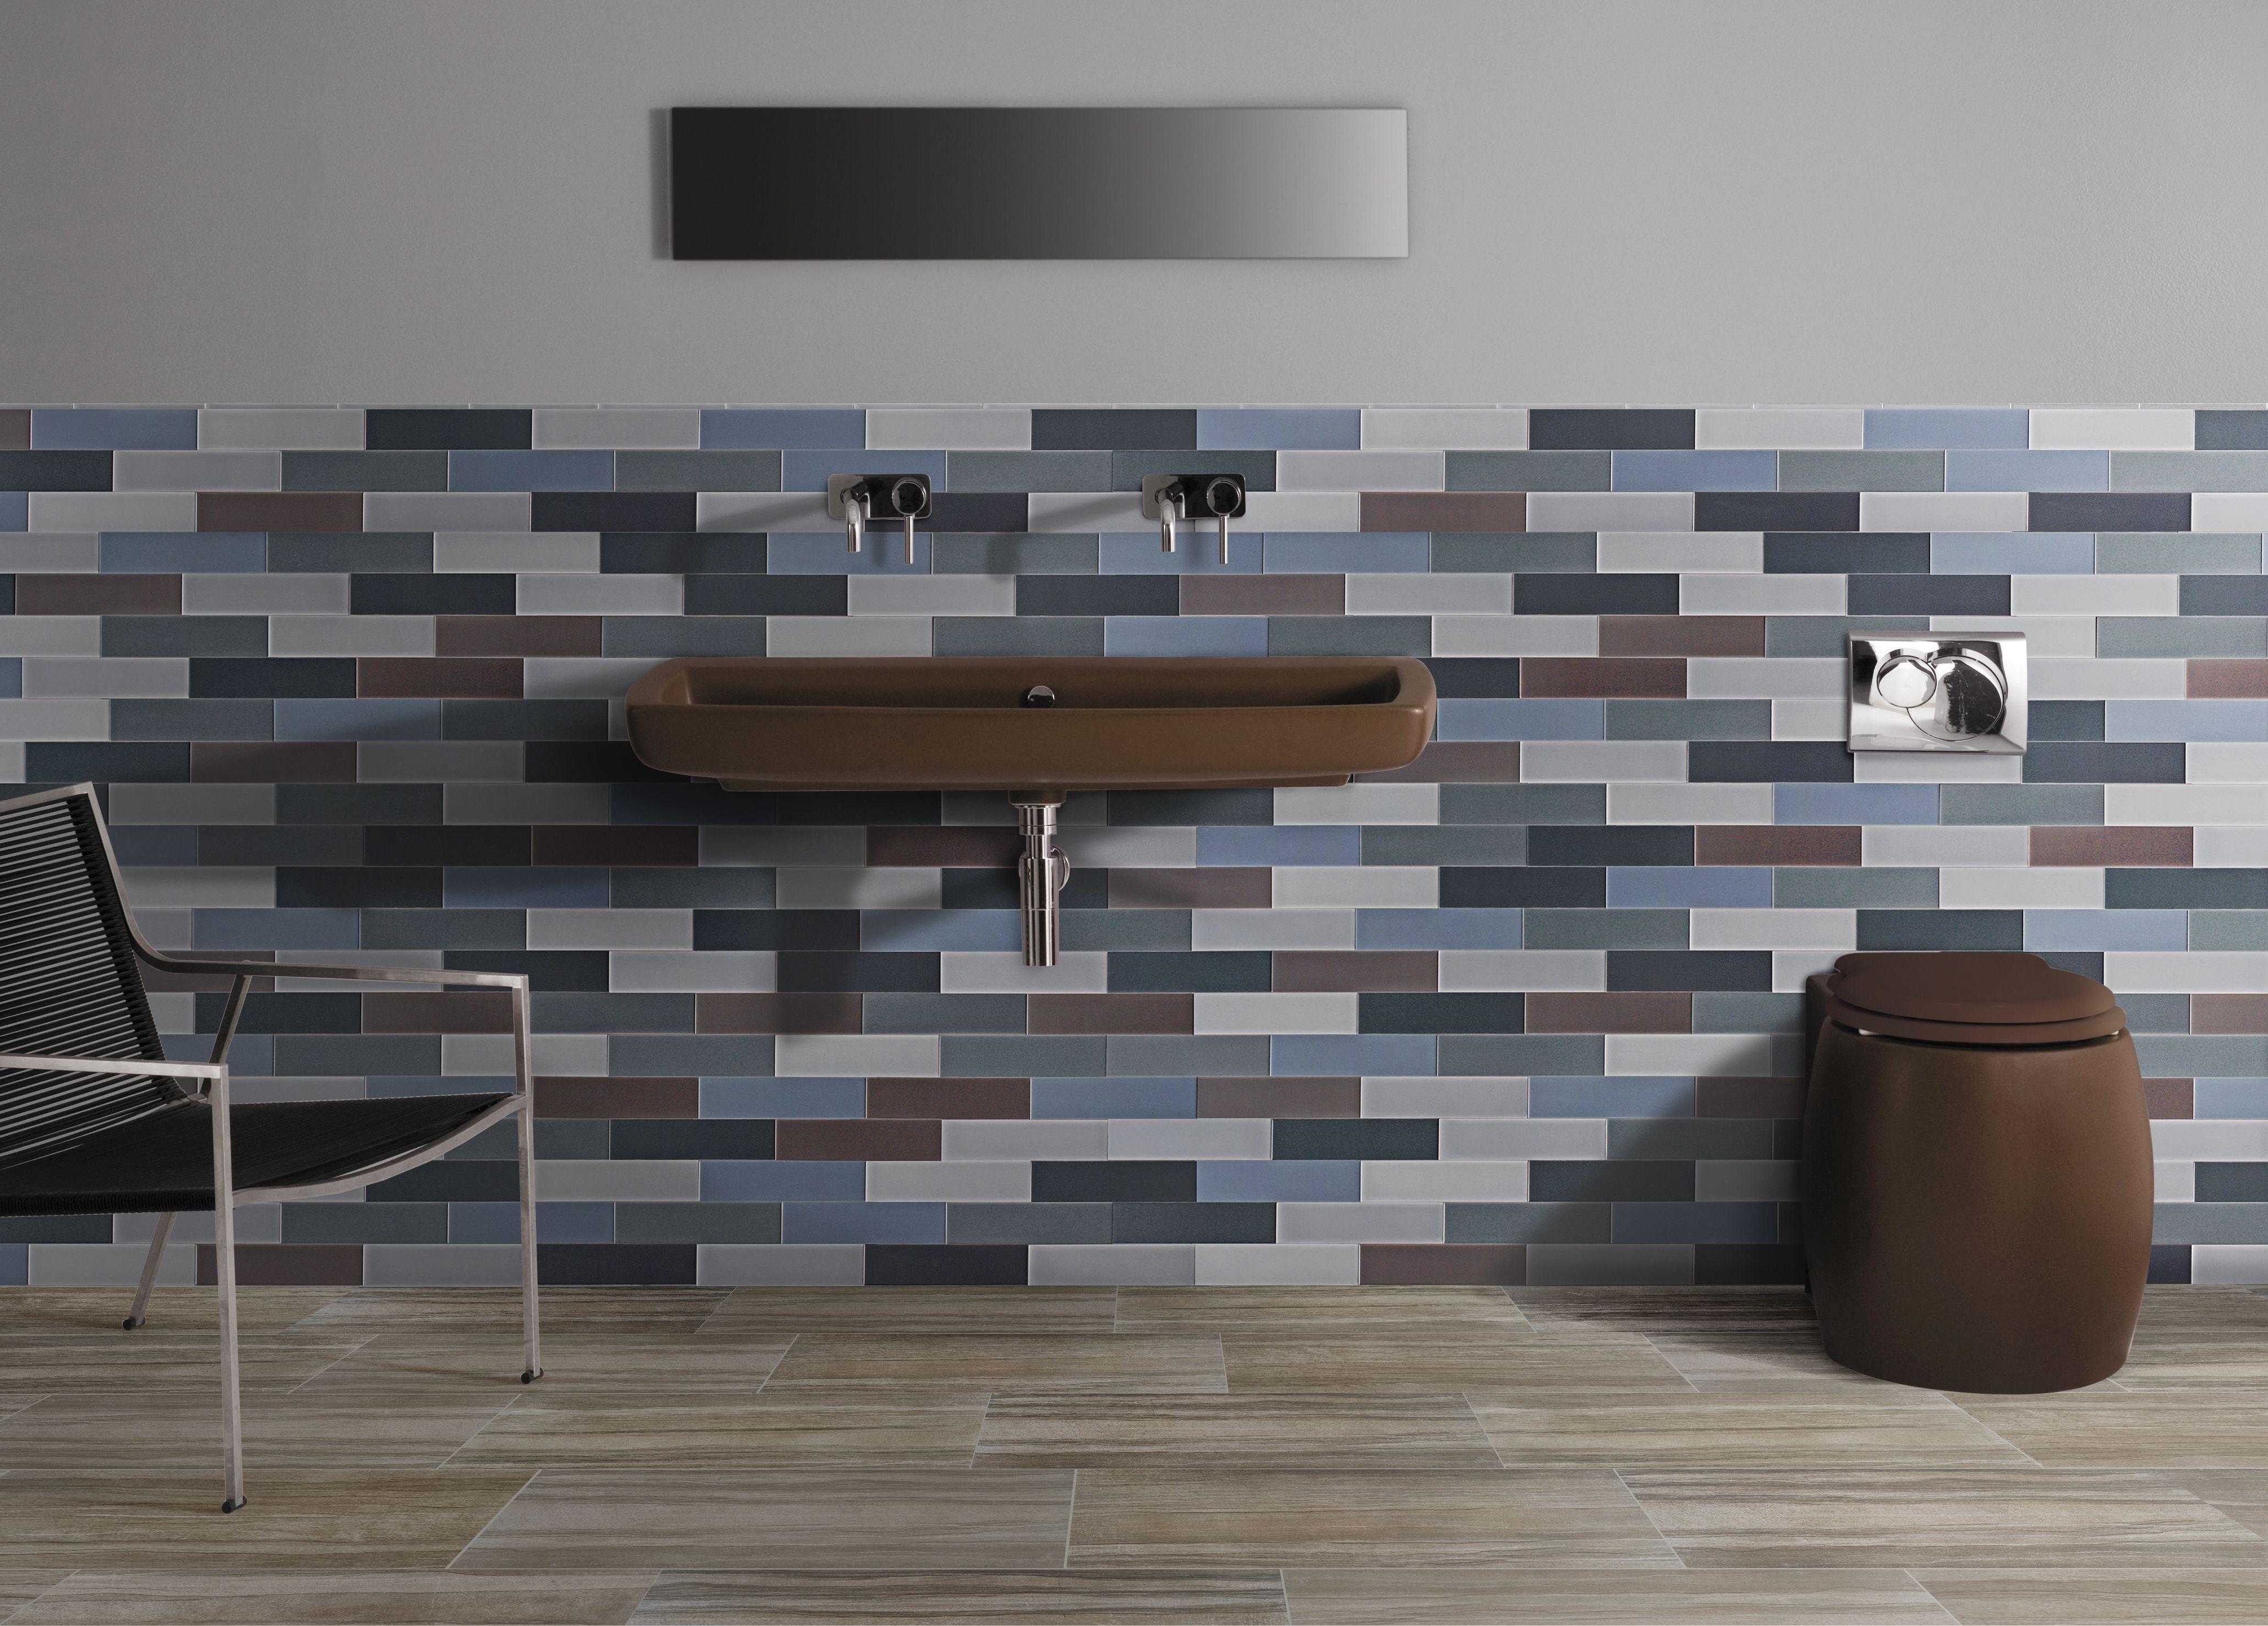 #westport #blend #bruma #ceramic #tiles #handmade #decor #home #interiordesign #ivory #aqua #graystone